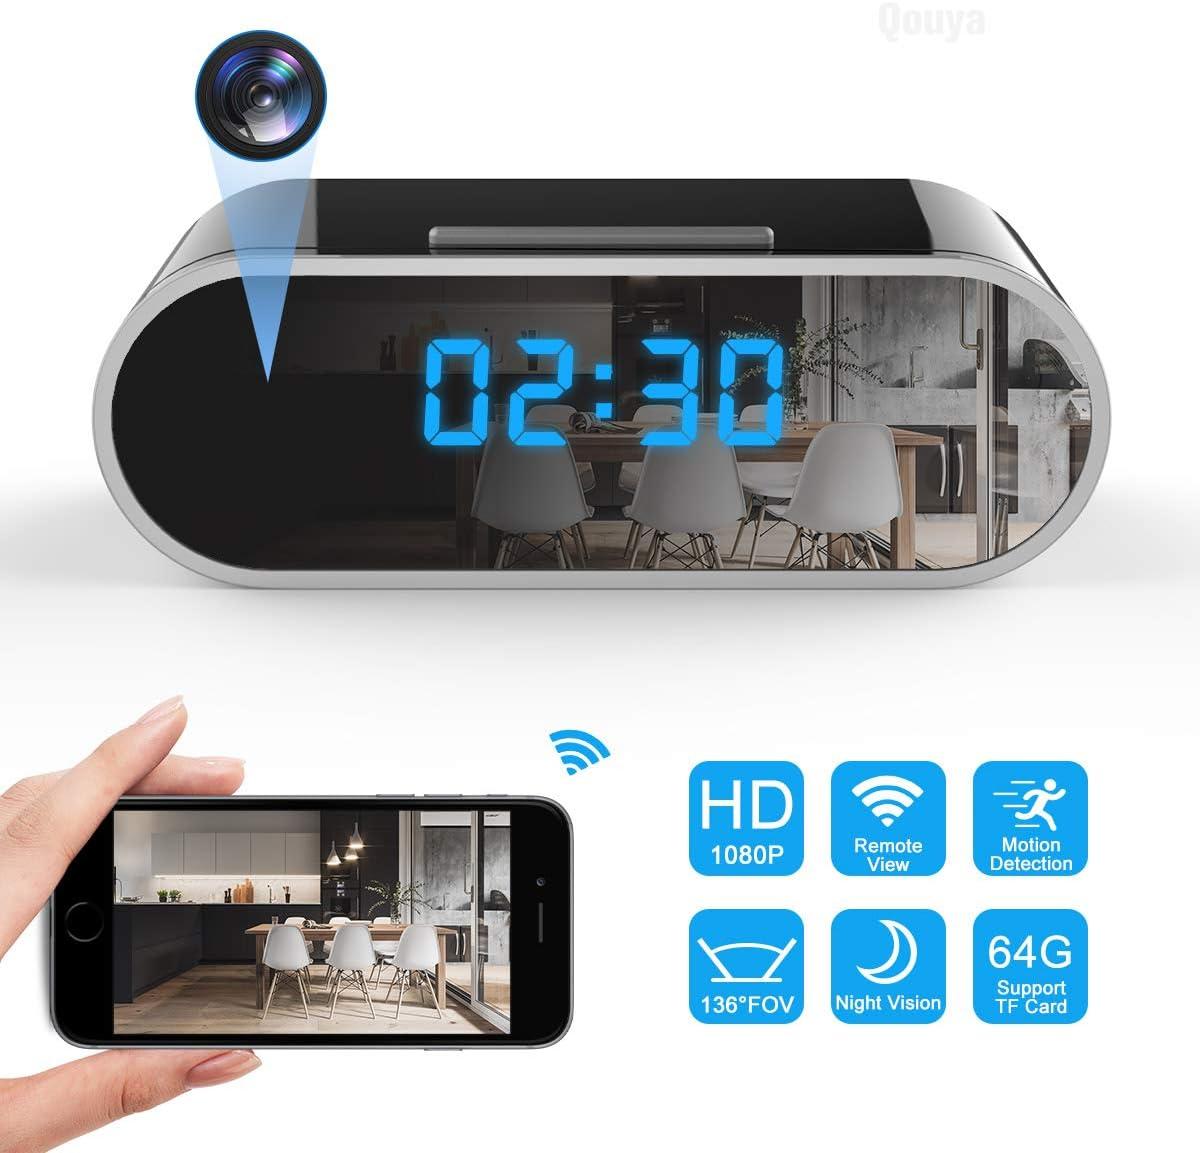 Mini Cameras PNZEO W5 1080P Full HD Recording Portable Wireless WiFi spy cam Hidden Recorder Home Security Outdoor Record Multi-Purpose Camera